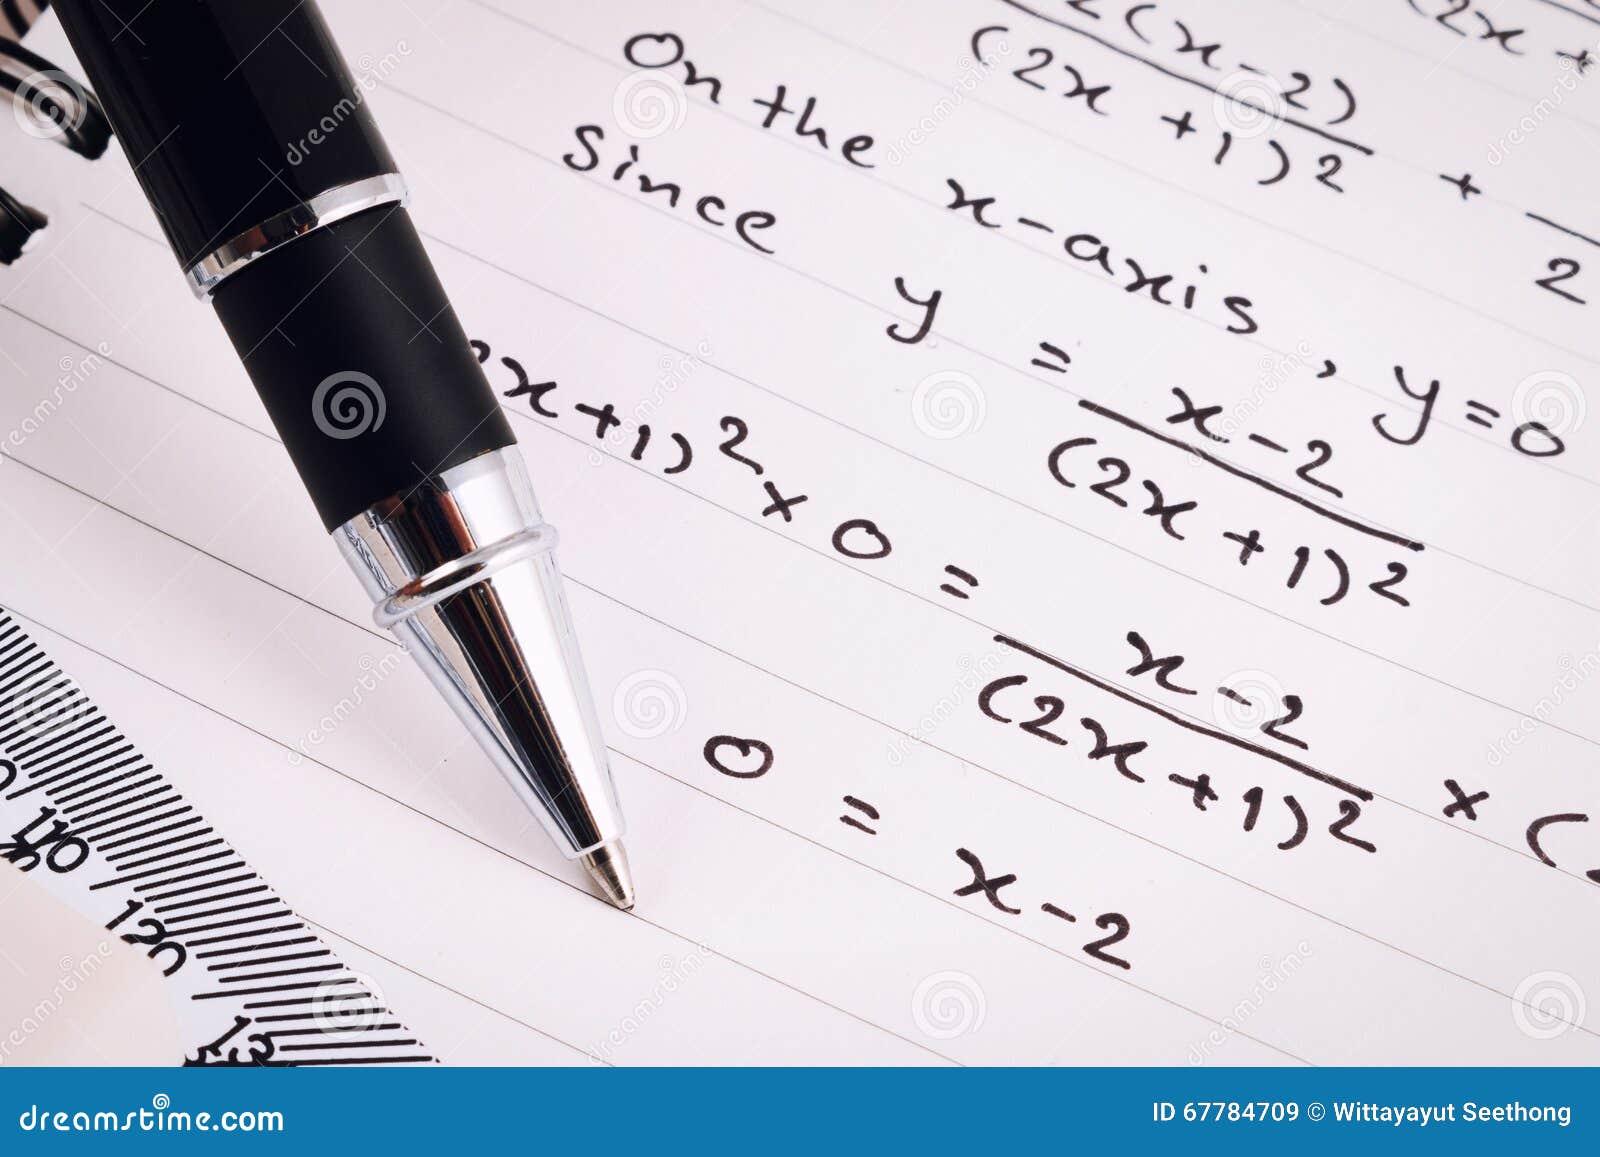 Primo Piano Di Equazioni O Di Matematica Lavoro Soluzione ...